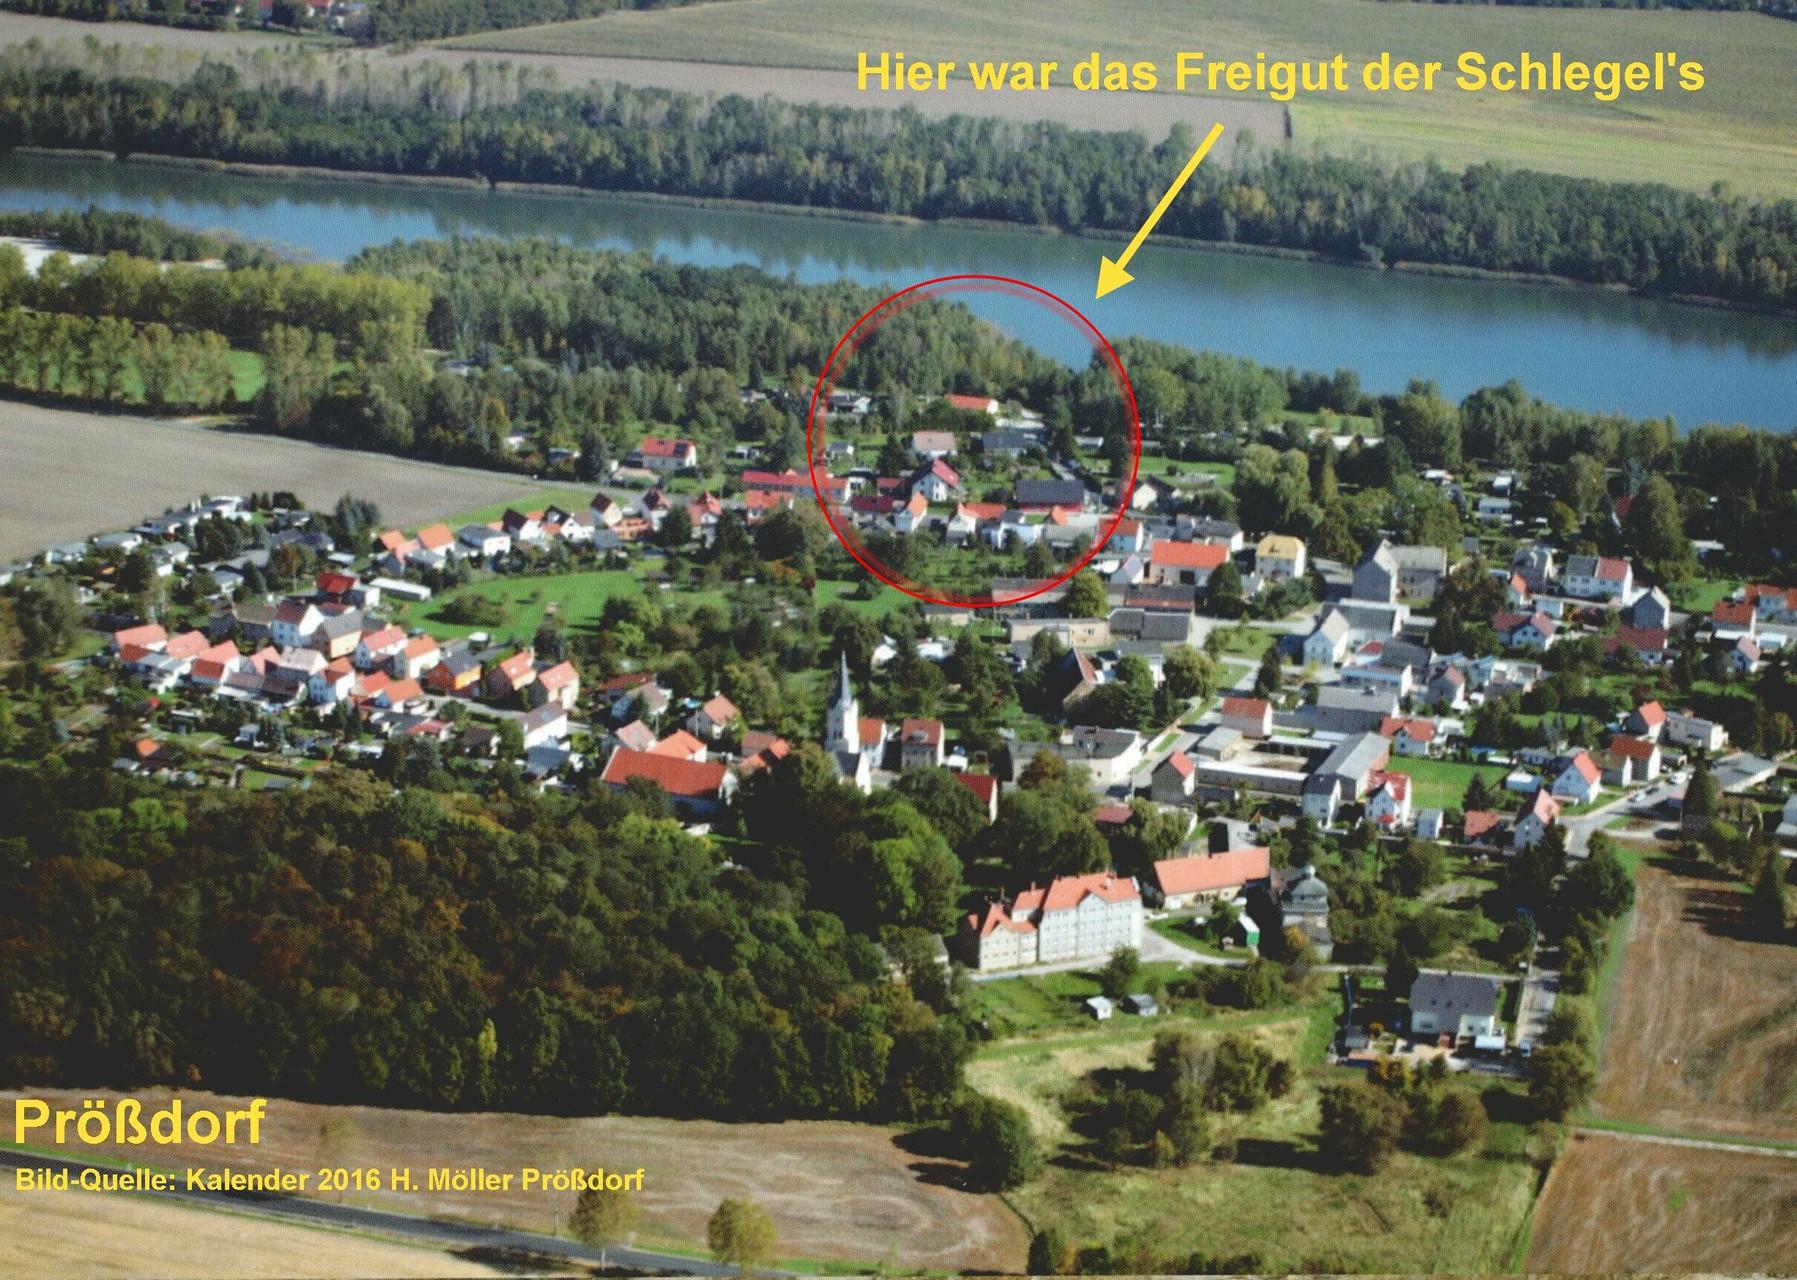 Prößdorf Freigut Schlegel 1